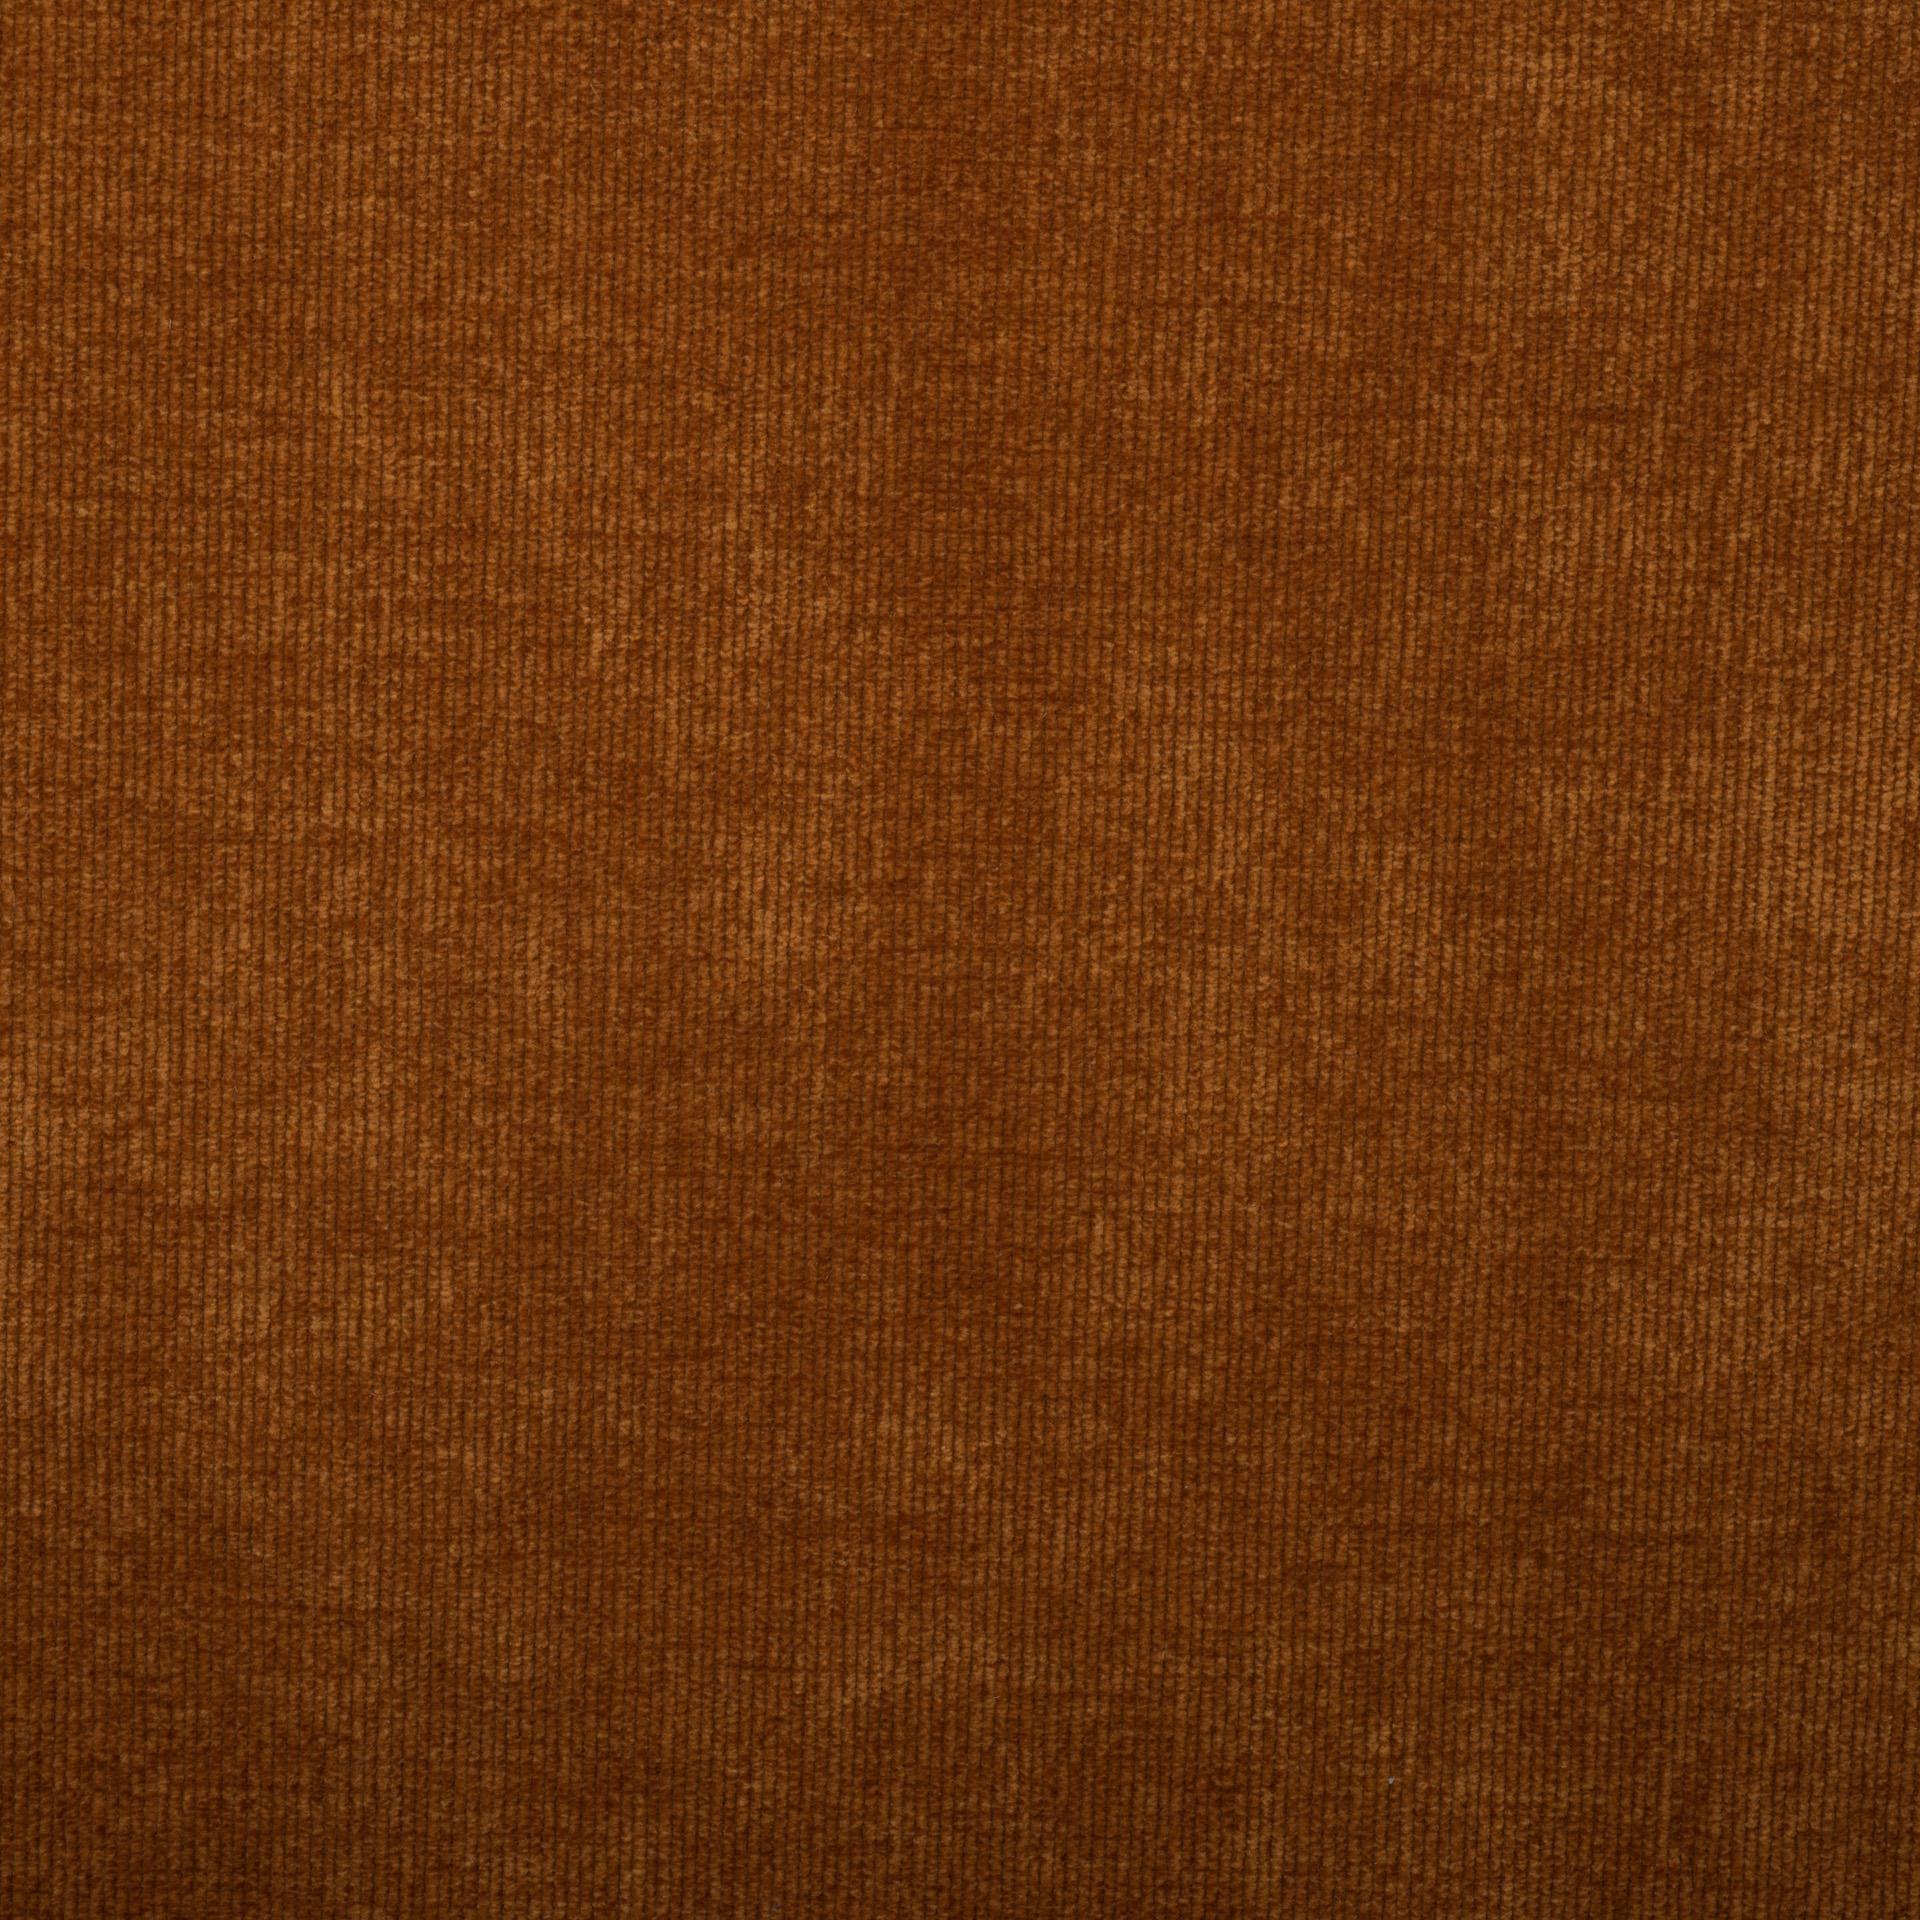 Коллекция ткани Кордрой 340,  купить ткань Велюр для мебели Украина